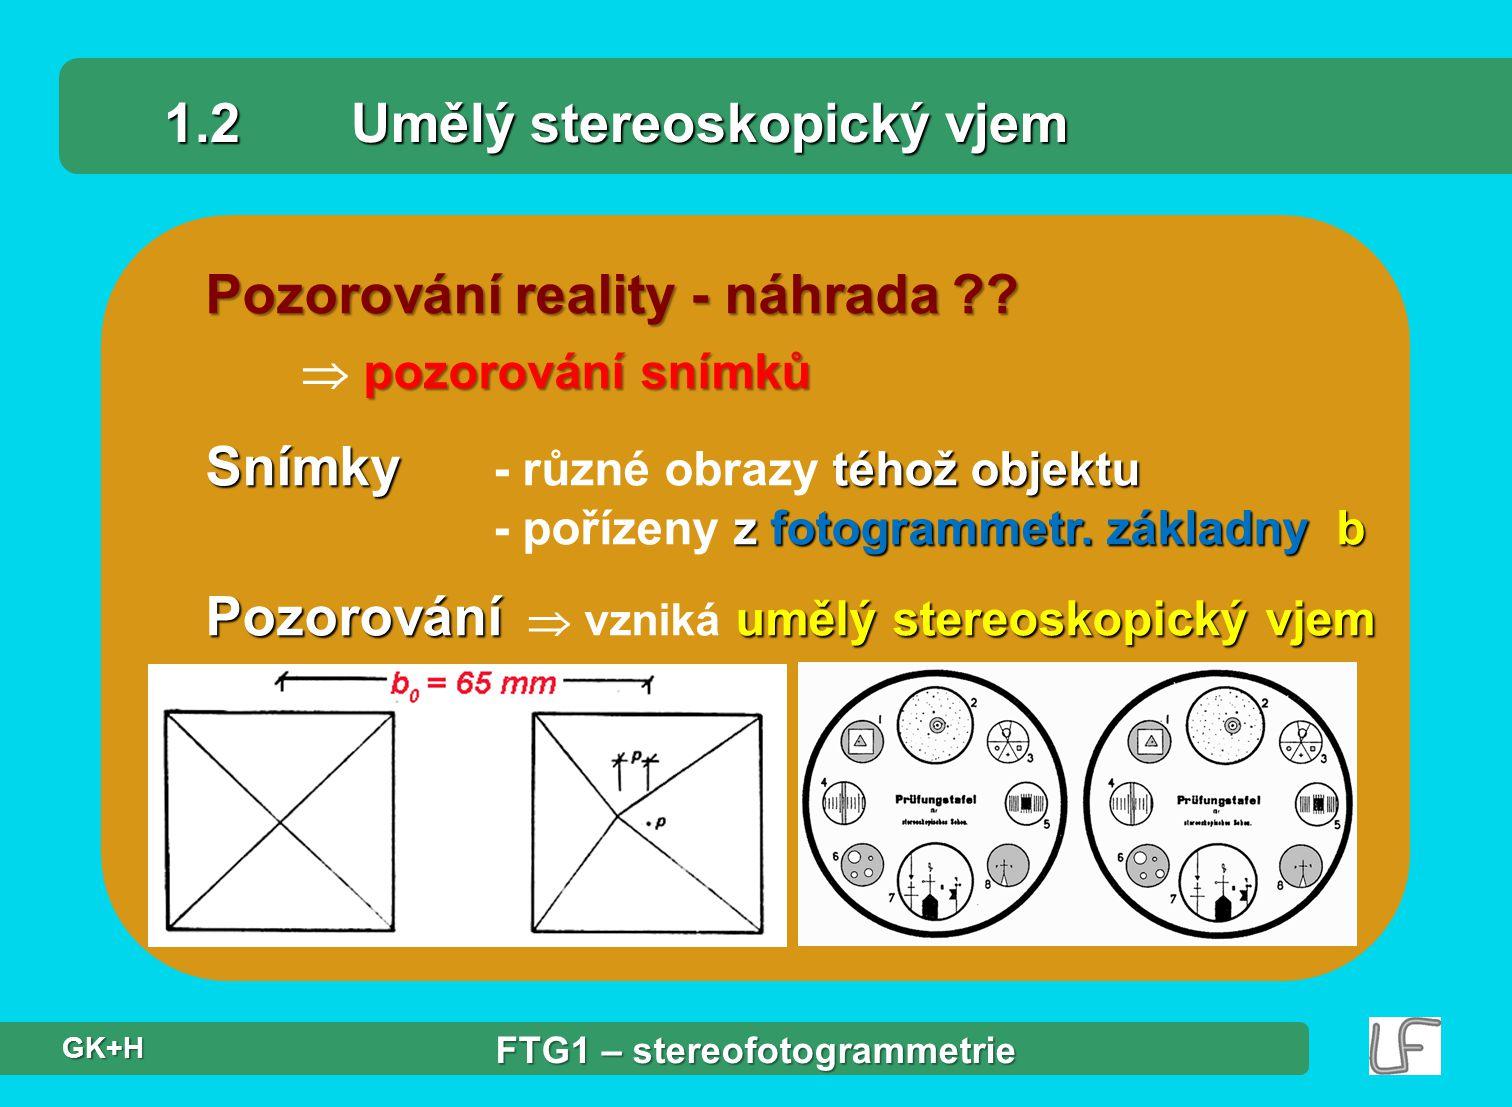 1.2 Umělý stereoskopický vjem